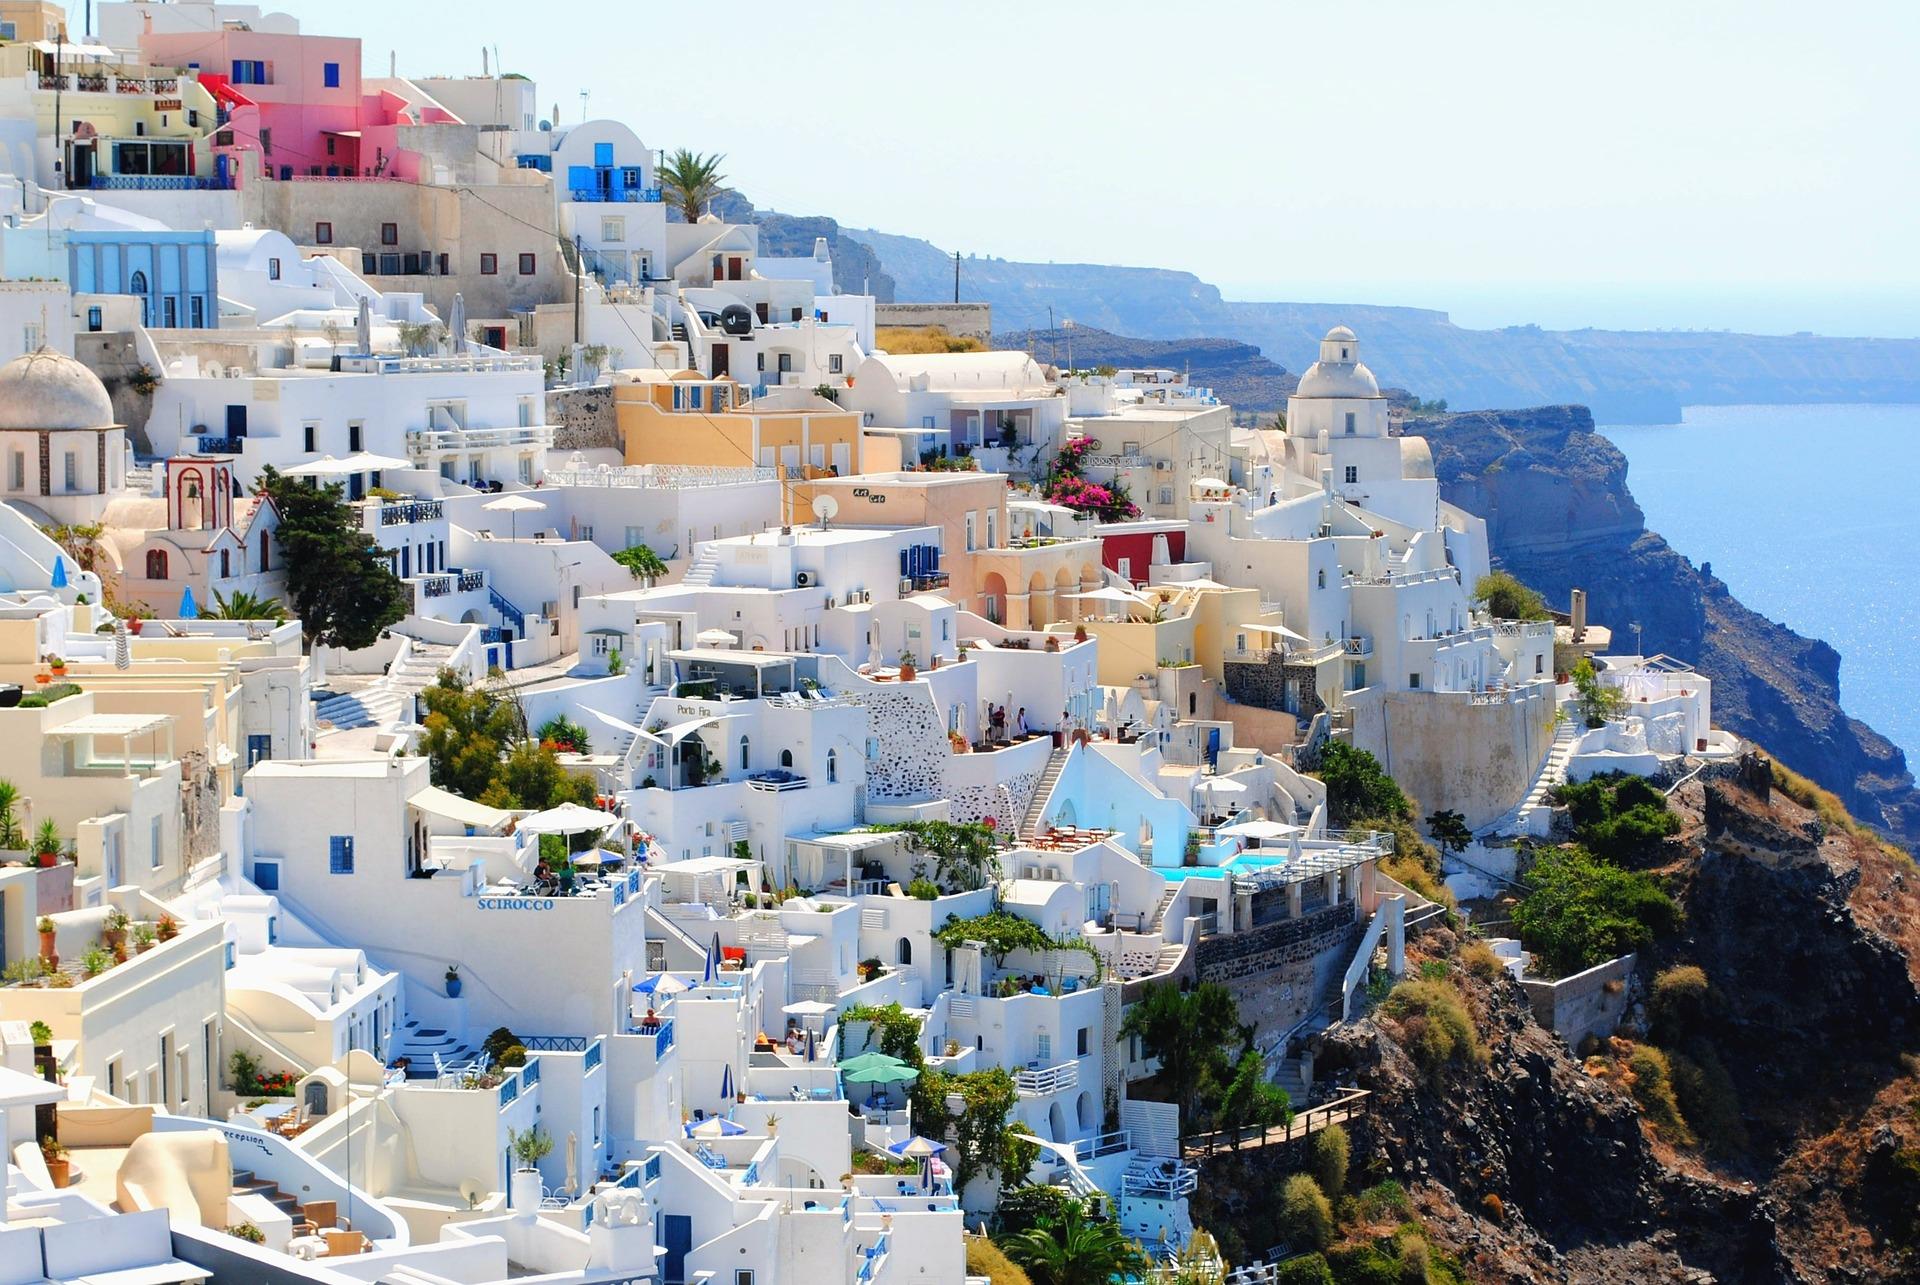 Santorini, Grécia, viagens, férias, Verão, vila, Mar, Céu, Fuga tela HD wallpapers - Professor-falken.com